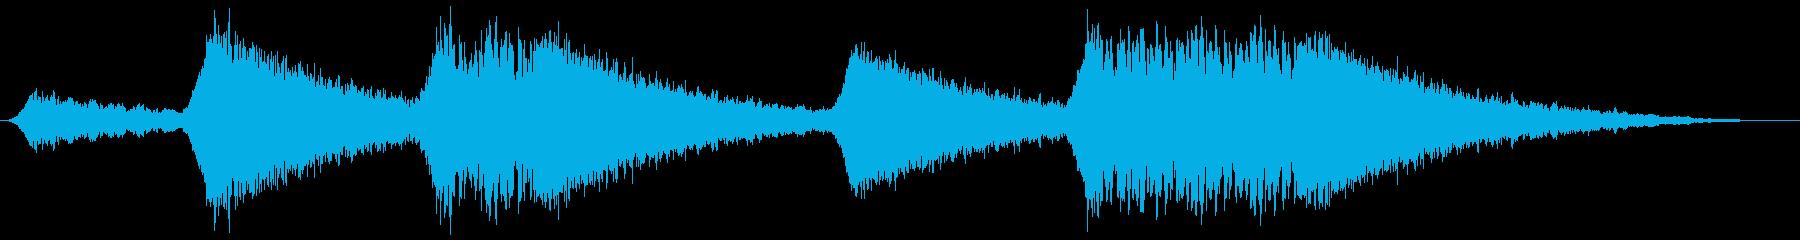 汎用サイレン 連続の再生済みの波形